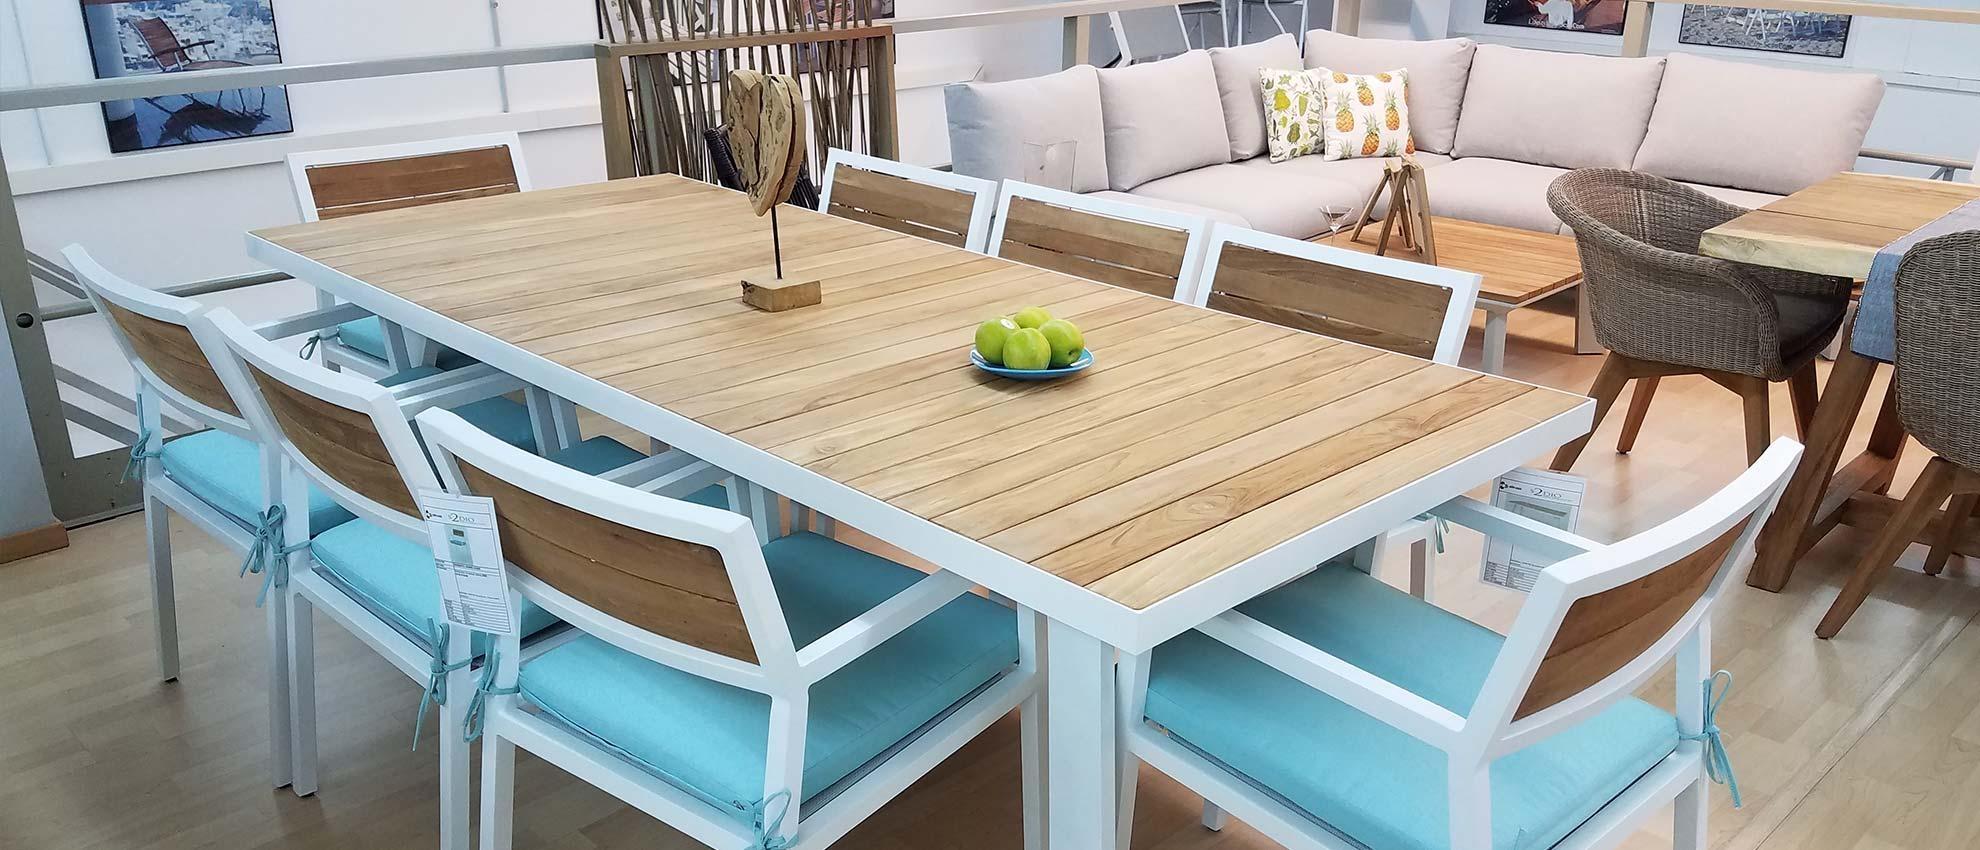 Inicio plicosa spain fabricacion muebles de terraza for Mobiliario de camping